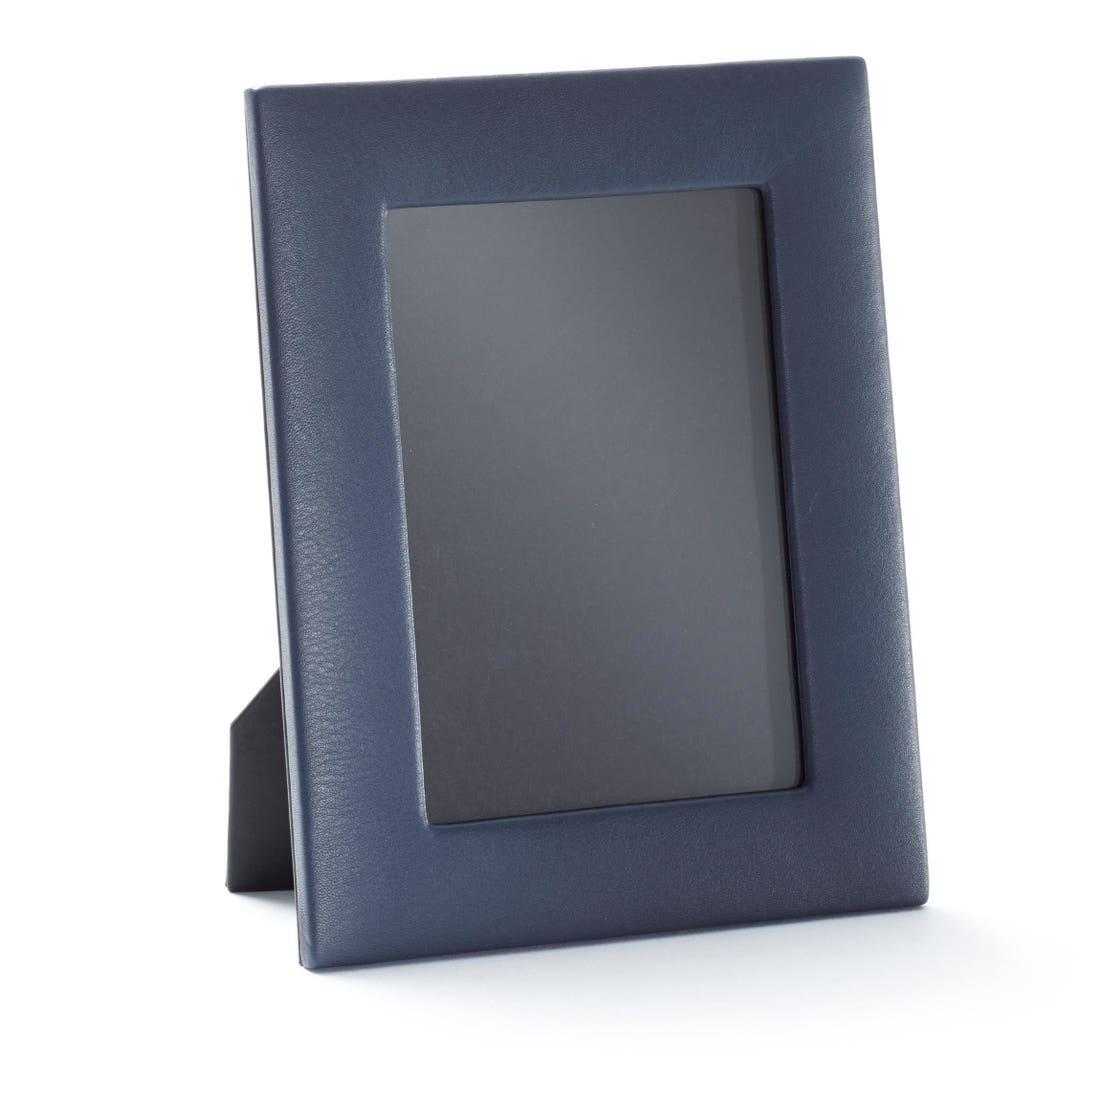 5X7 Portrait Photo Frame